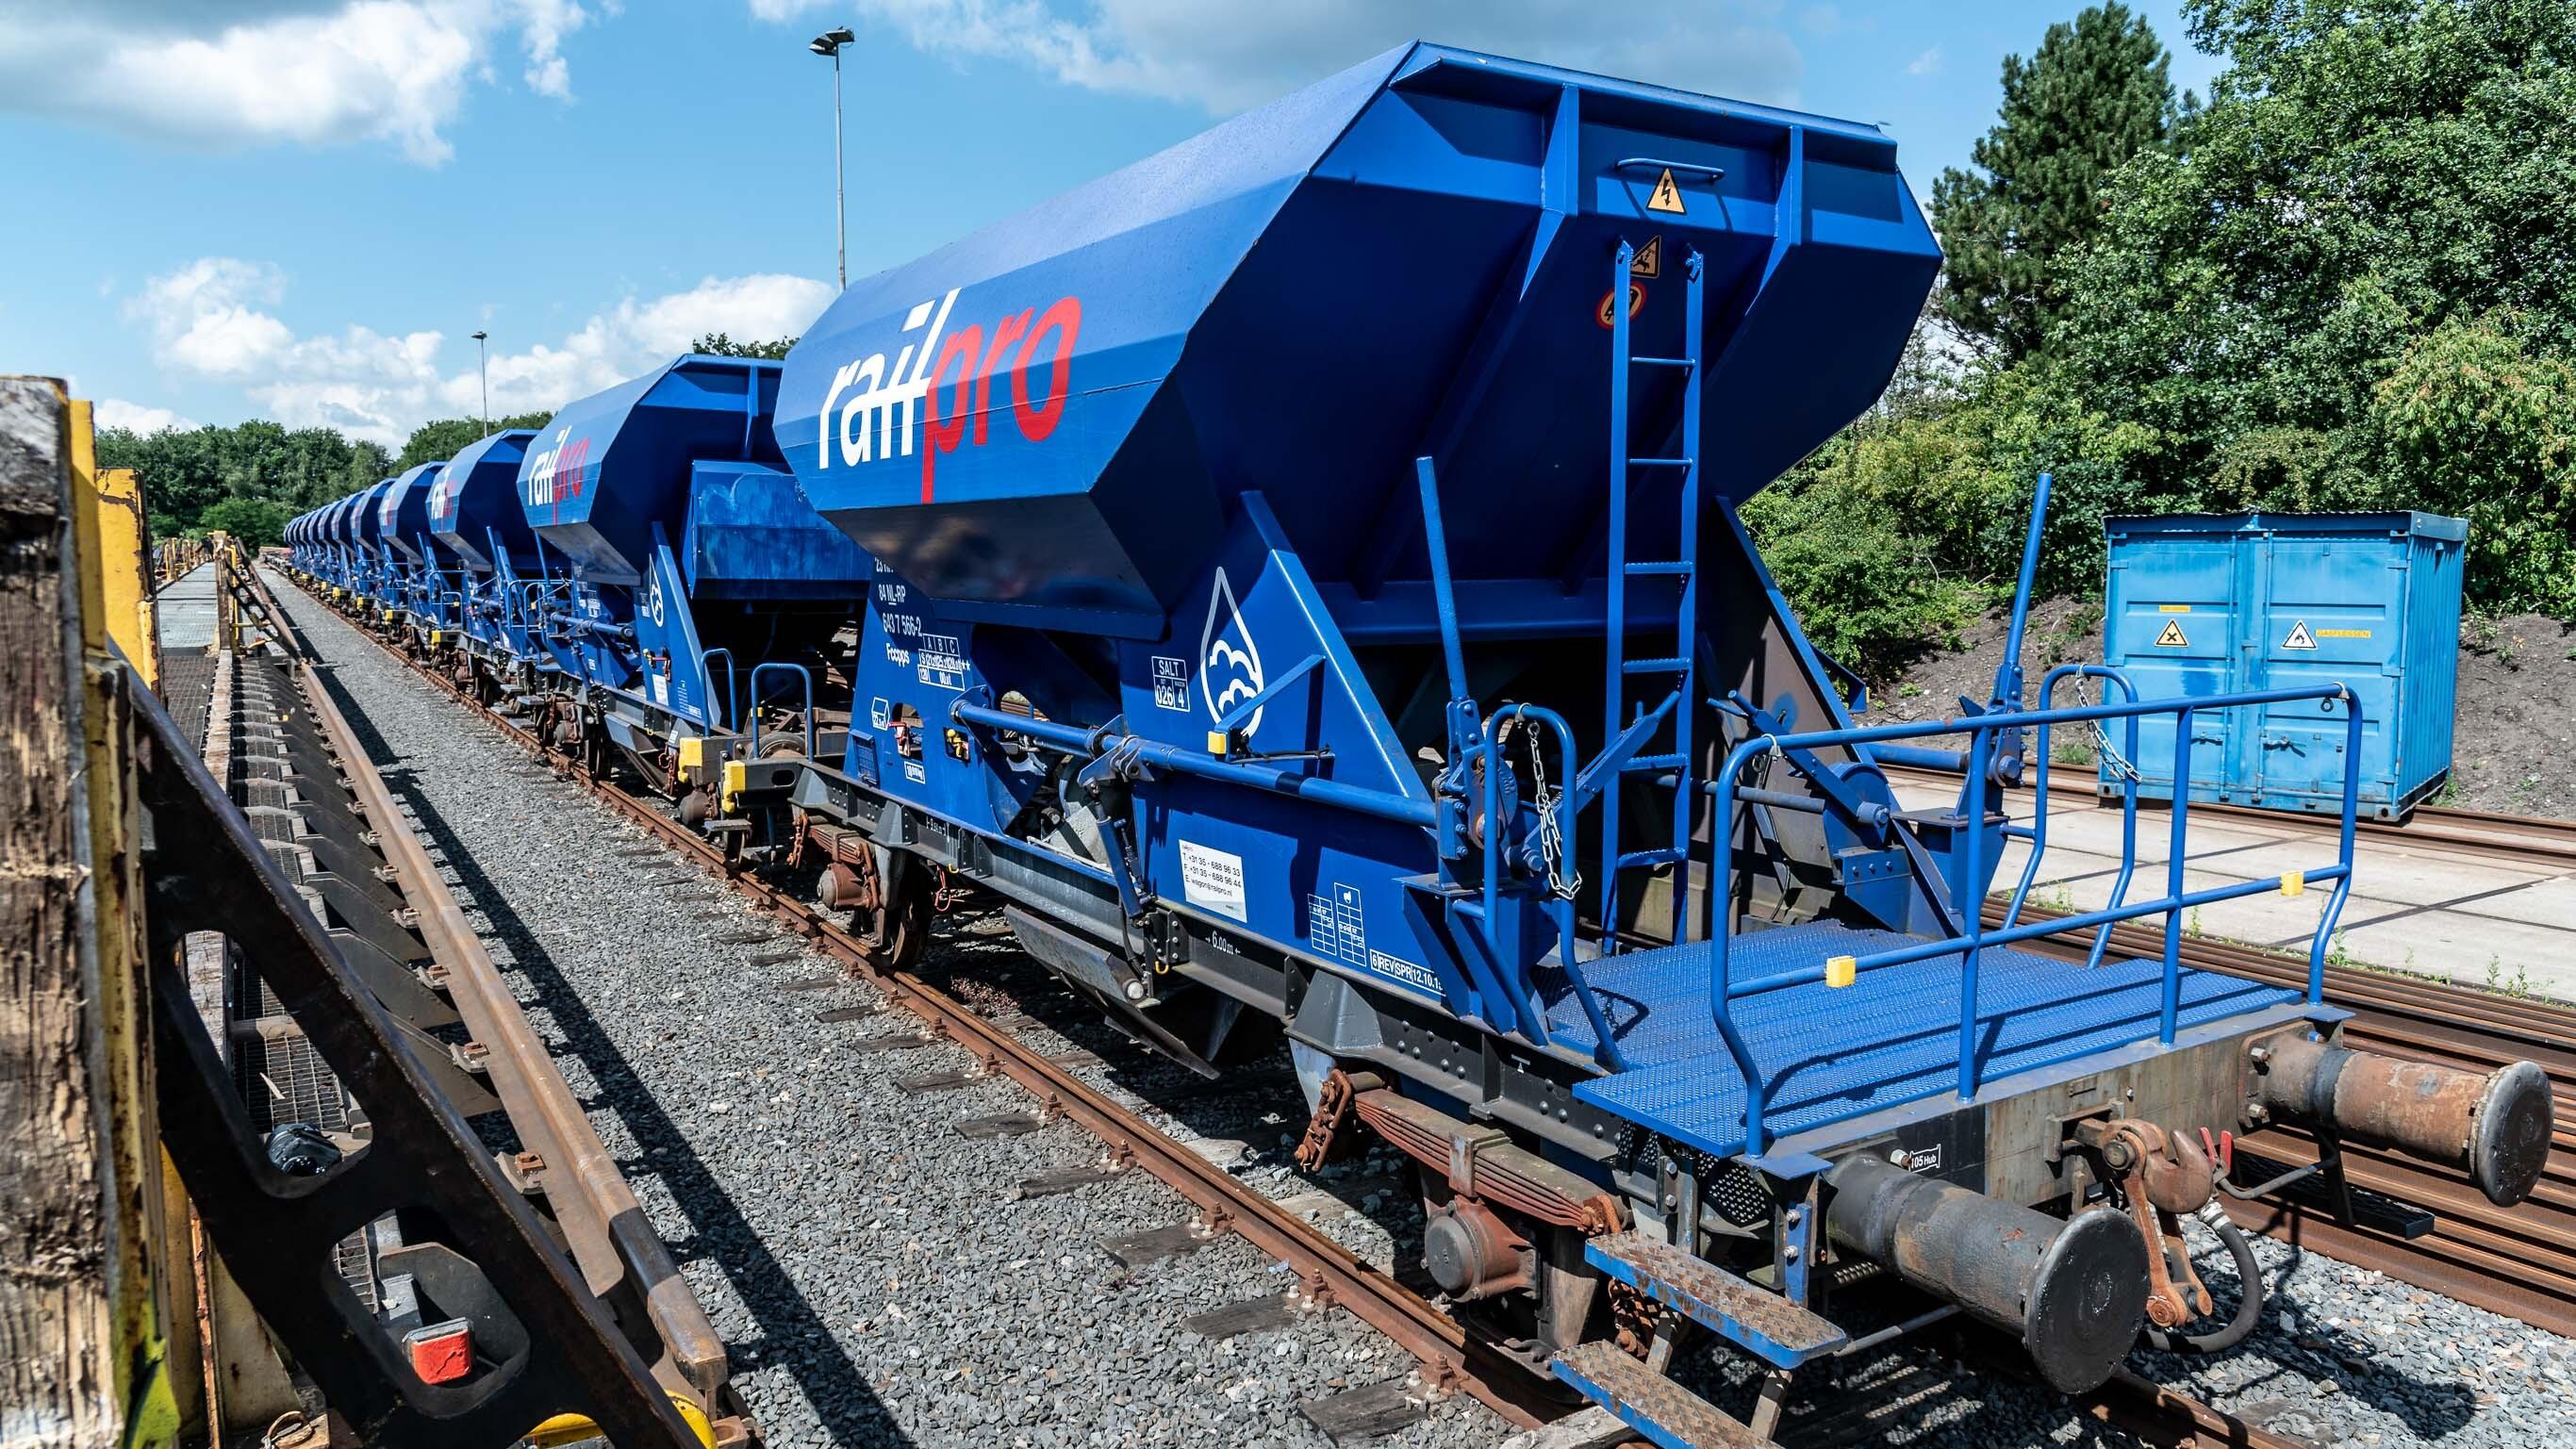 LOWRES 2732px Mirari Rail Pro 22juli2020 151 2